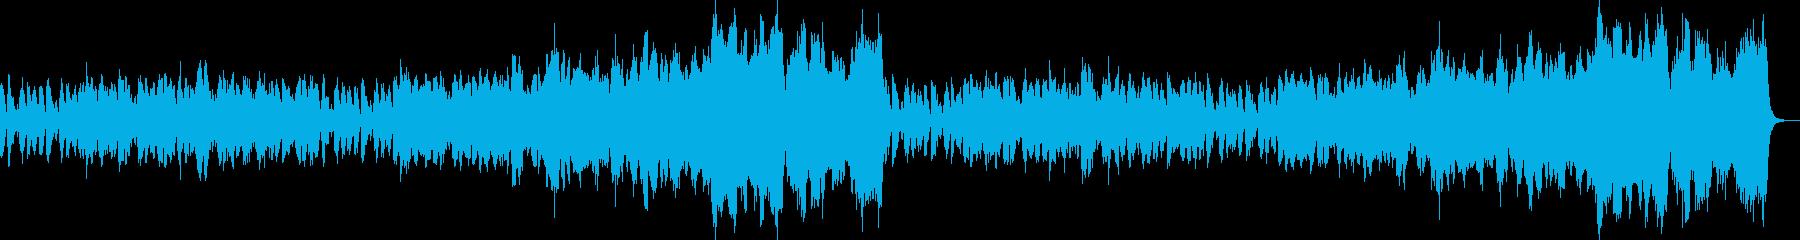 RPGのフィールドBGMです。の再生済みの波形